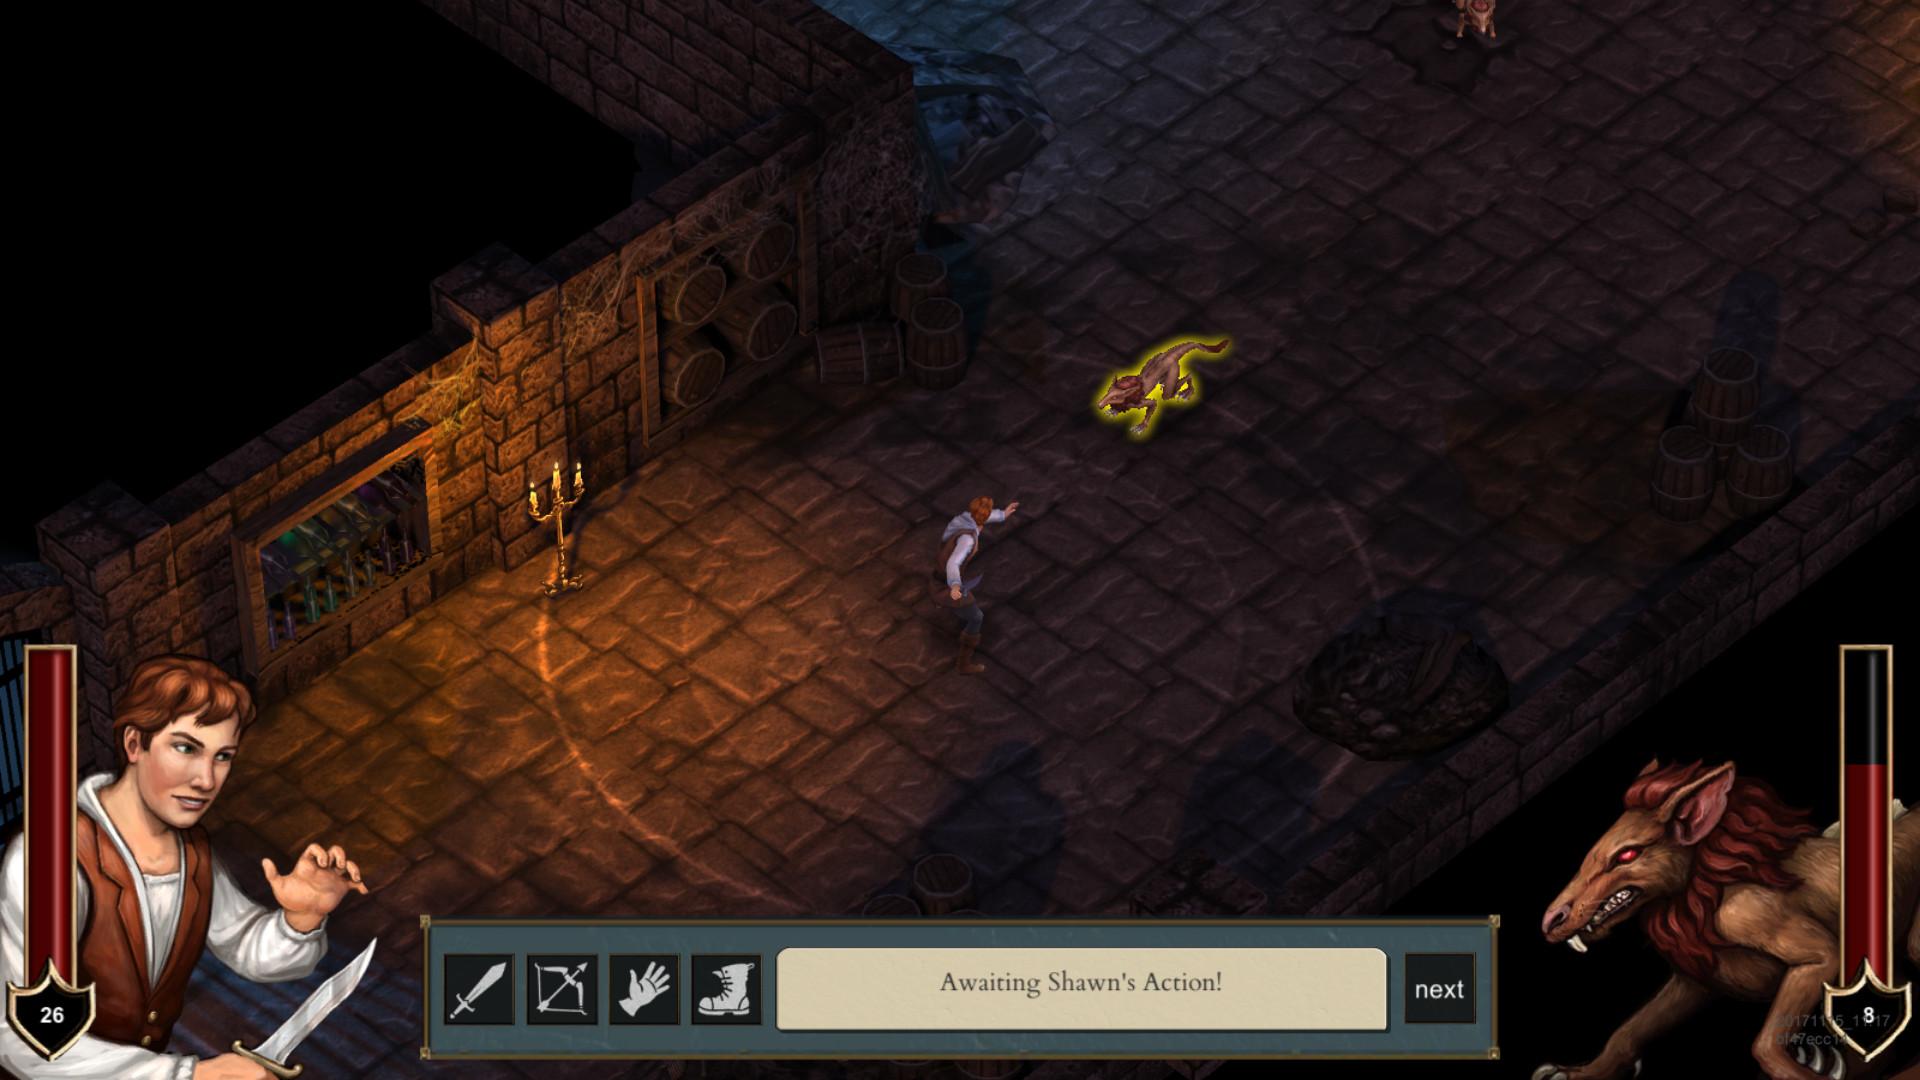 英雄大学:盗贼的救赎 游戏截图